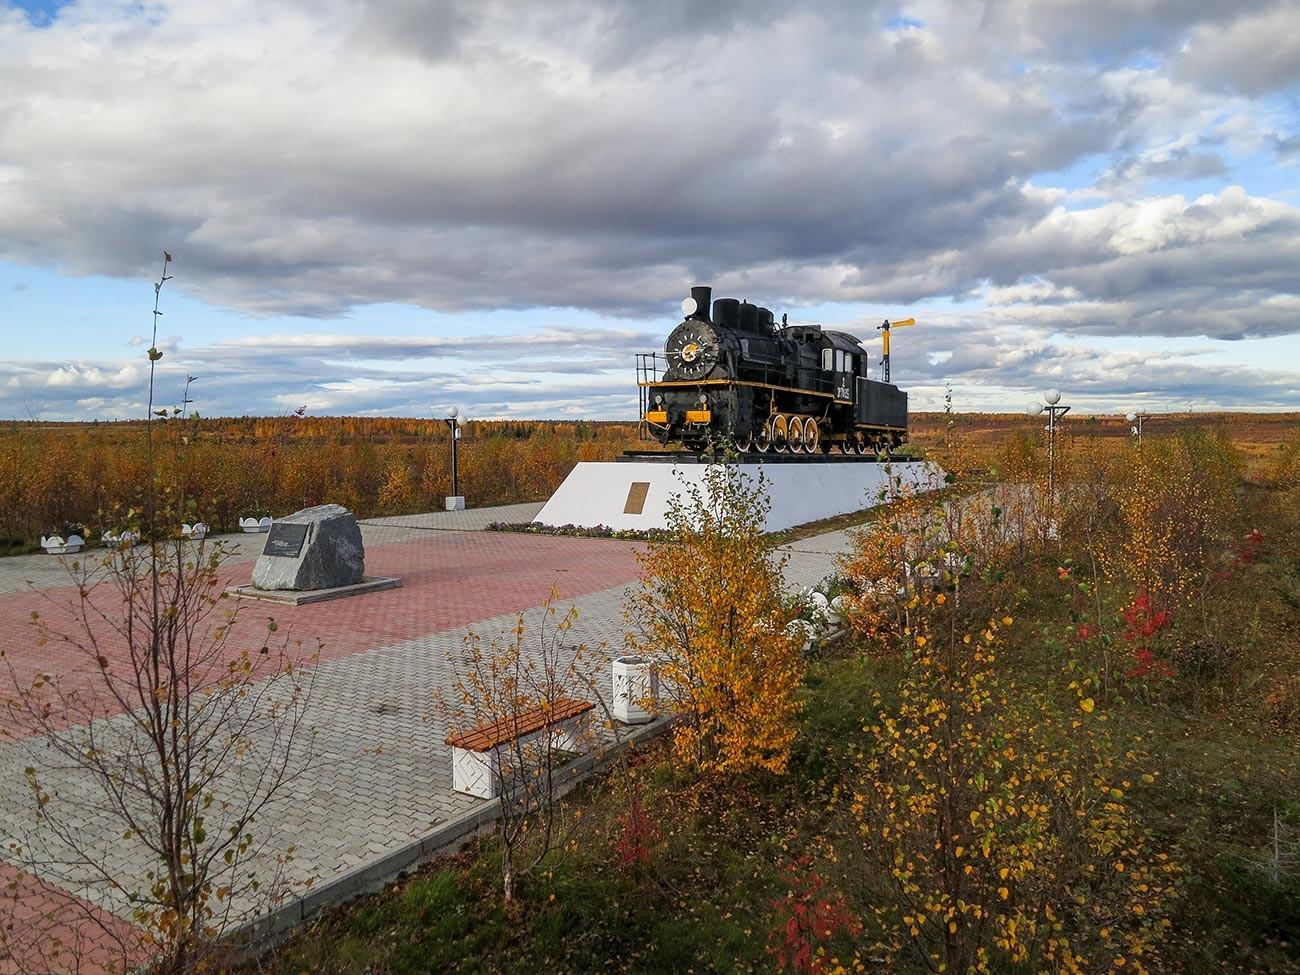 Monumento a los constructores del Ferrocarril 501